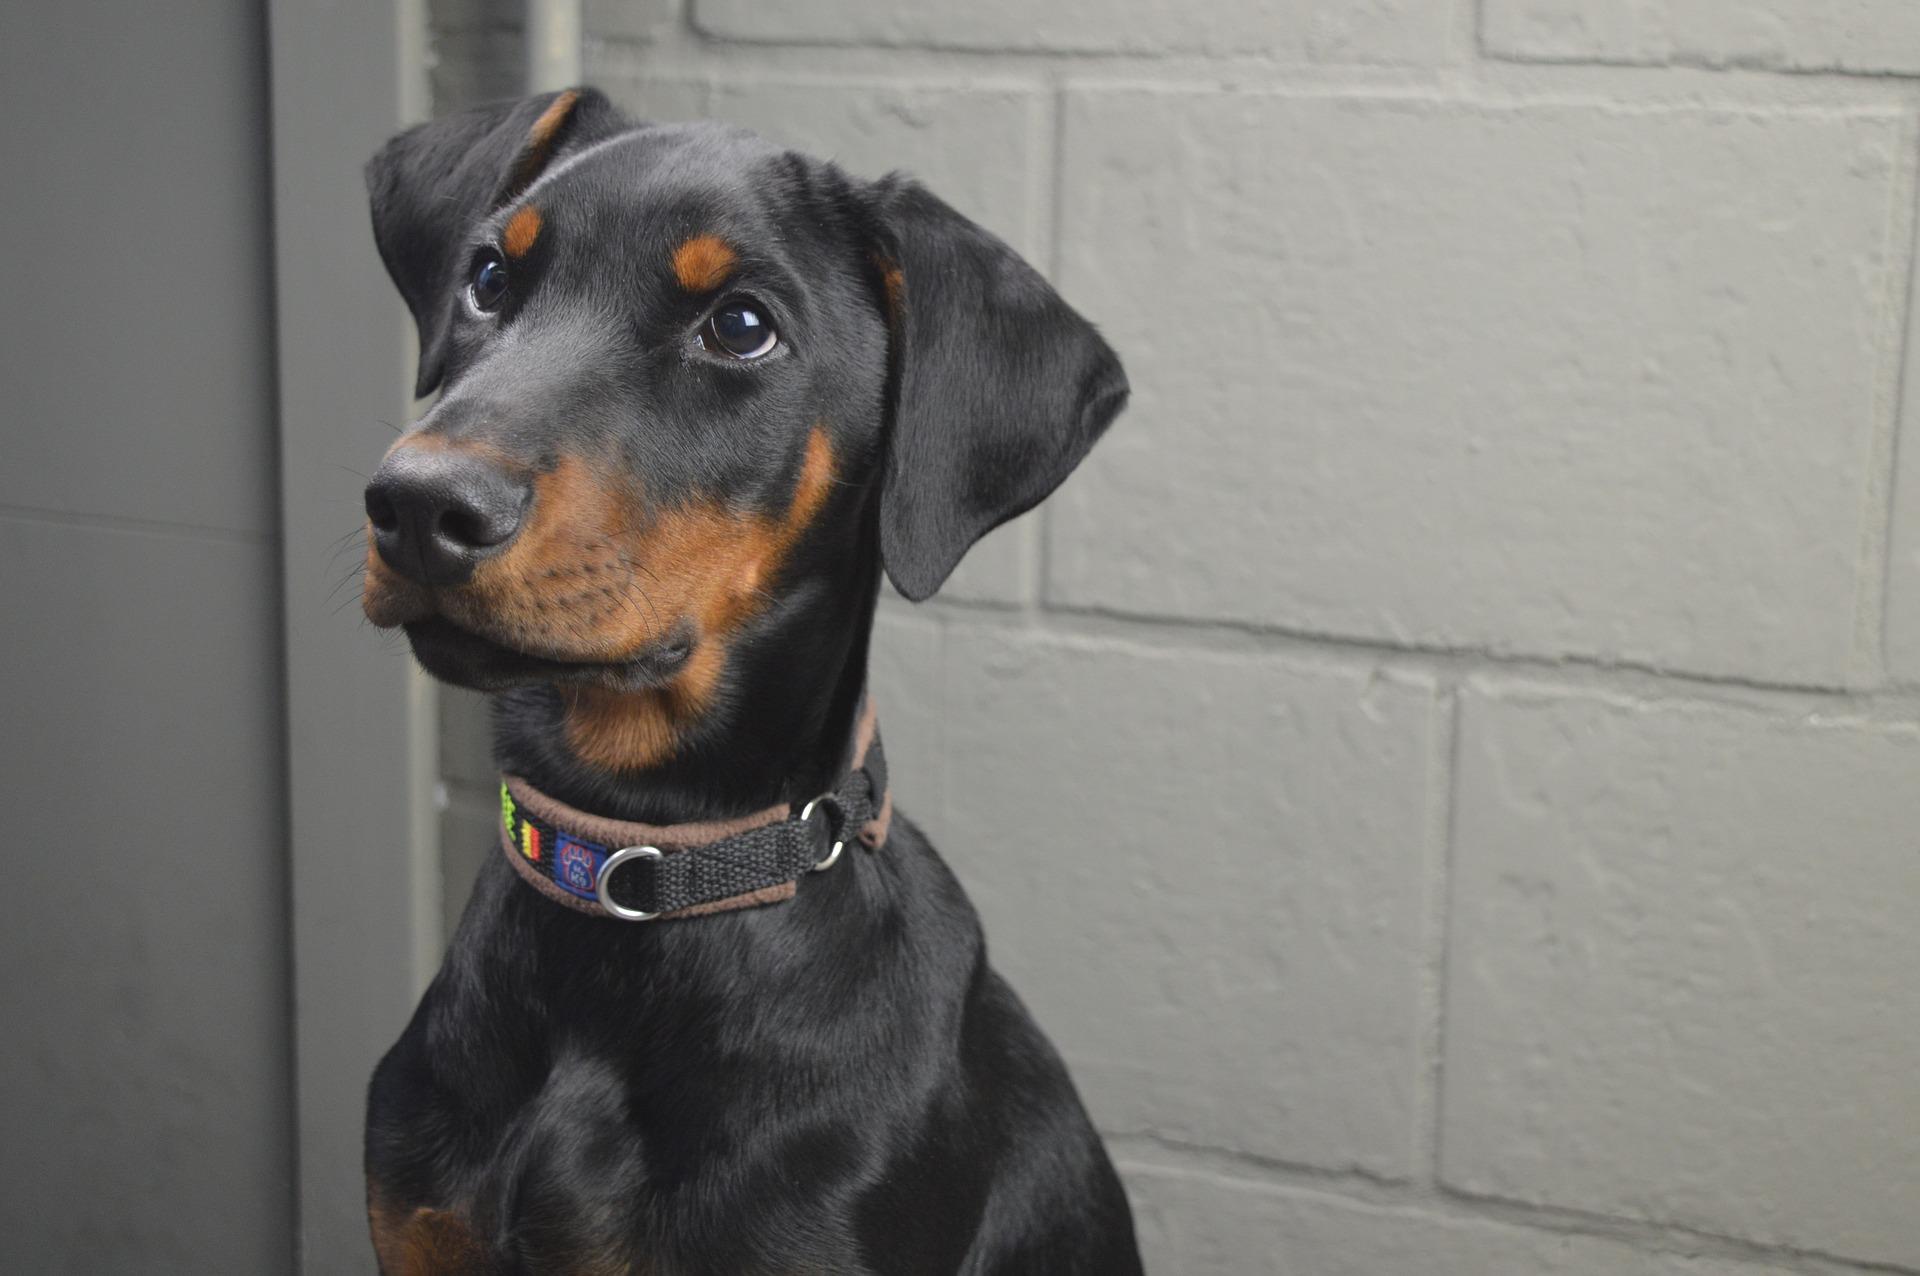 Doberman jako pies stróżujący ma bardzo silny instynkt obronny. Wymaga odpowiedniego wychowania już na wczesnym etapie dorastania.